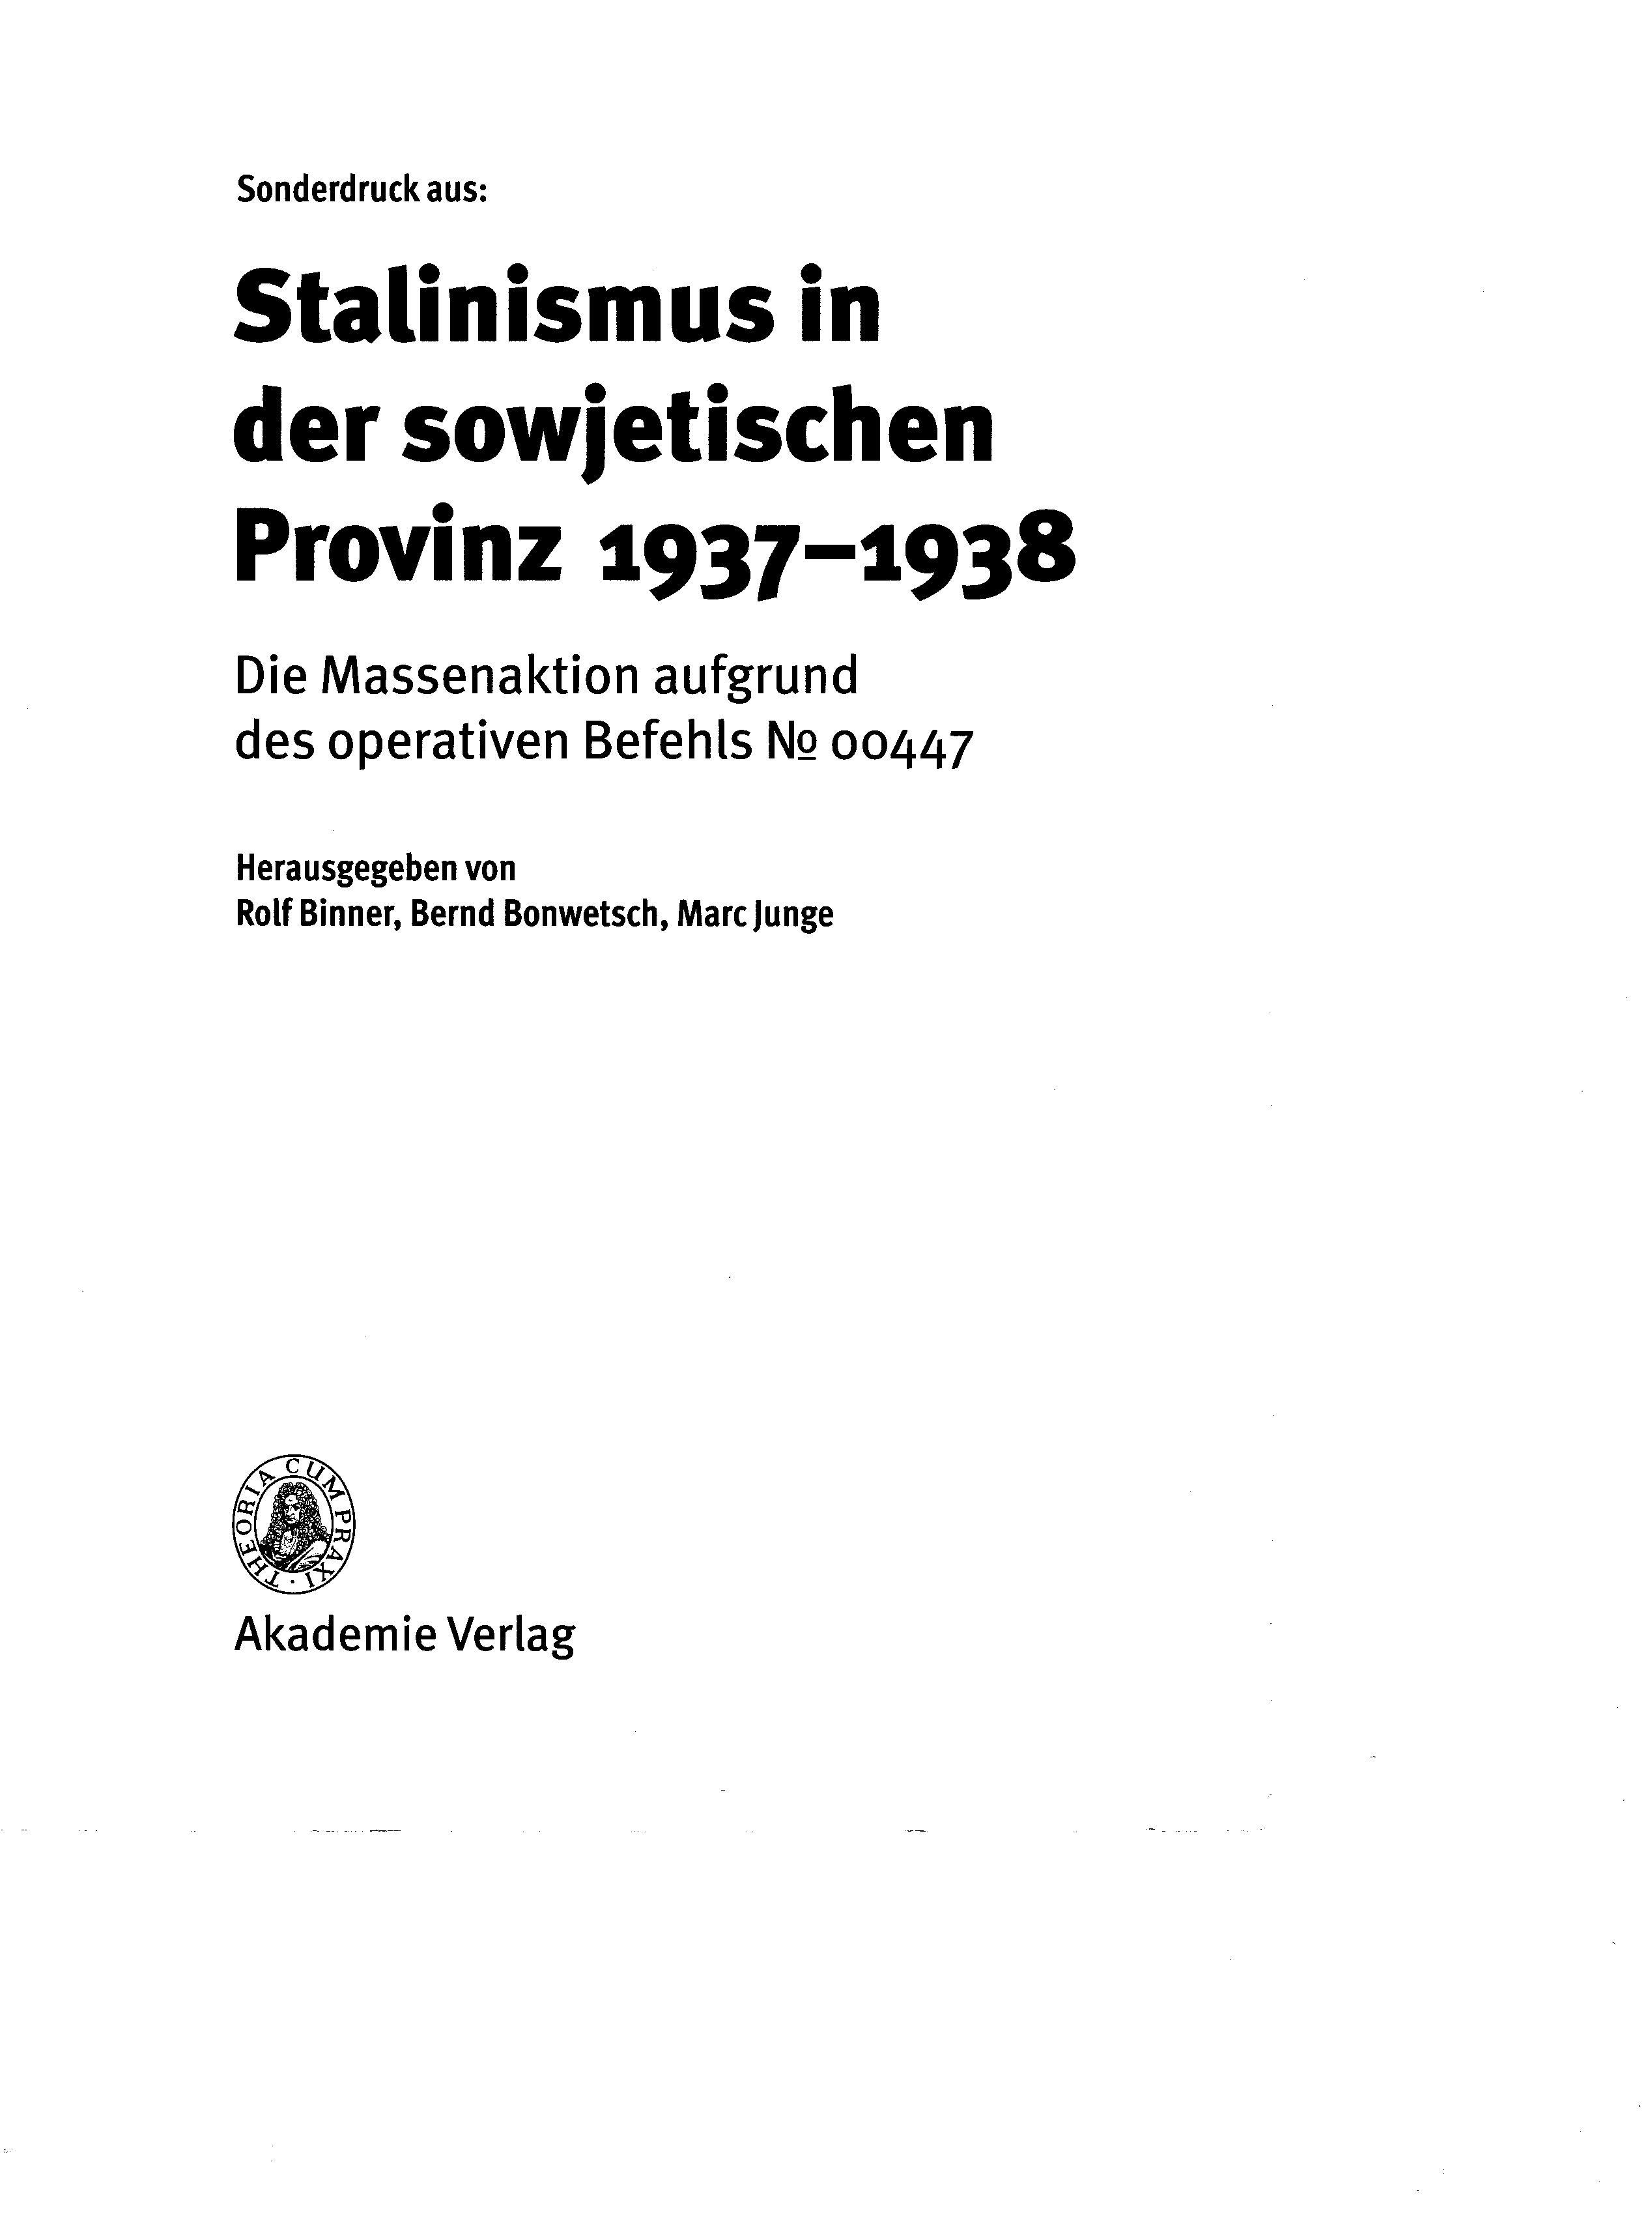 Stalinismus in der sowjettischen Provinz 1937-1938. Die Massenaktion aufgrund des operativen Befehls № 00447